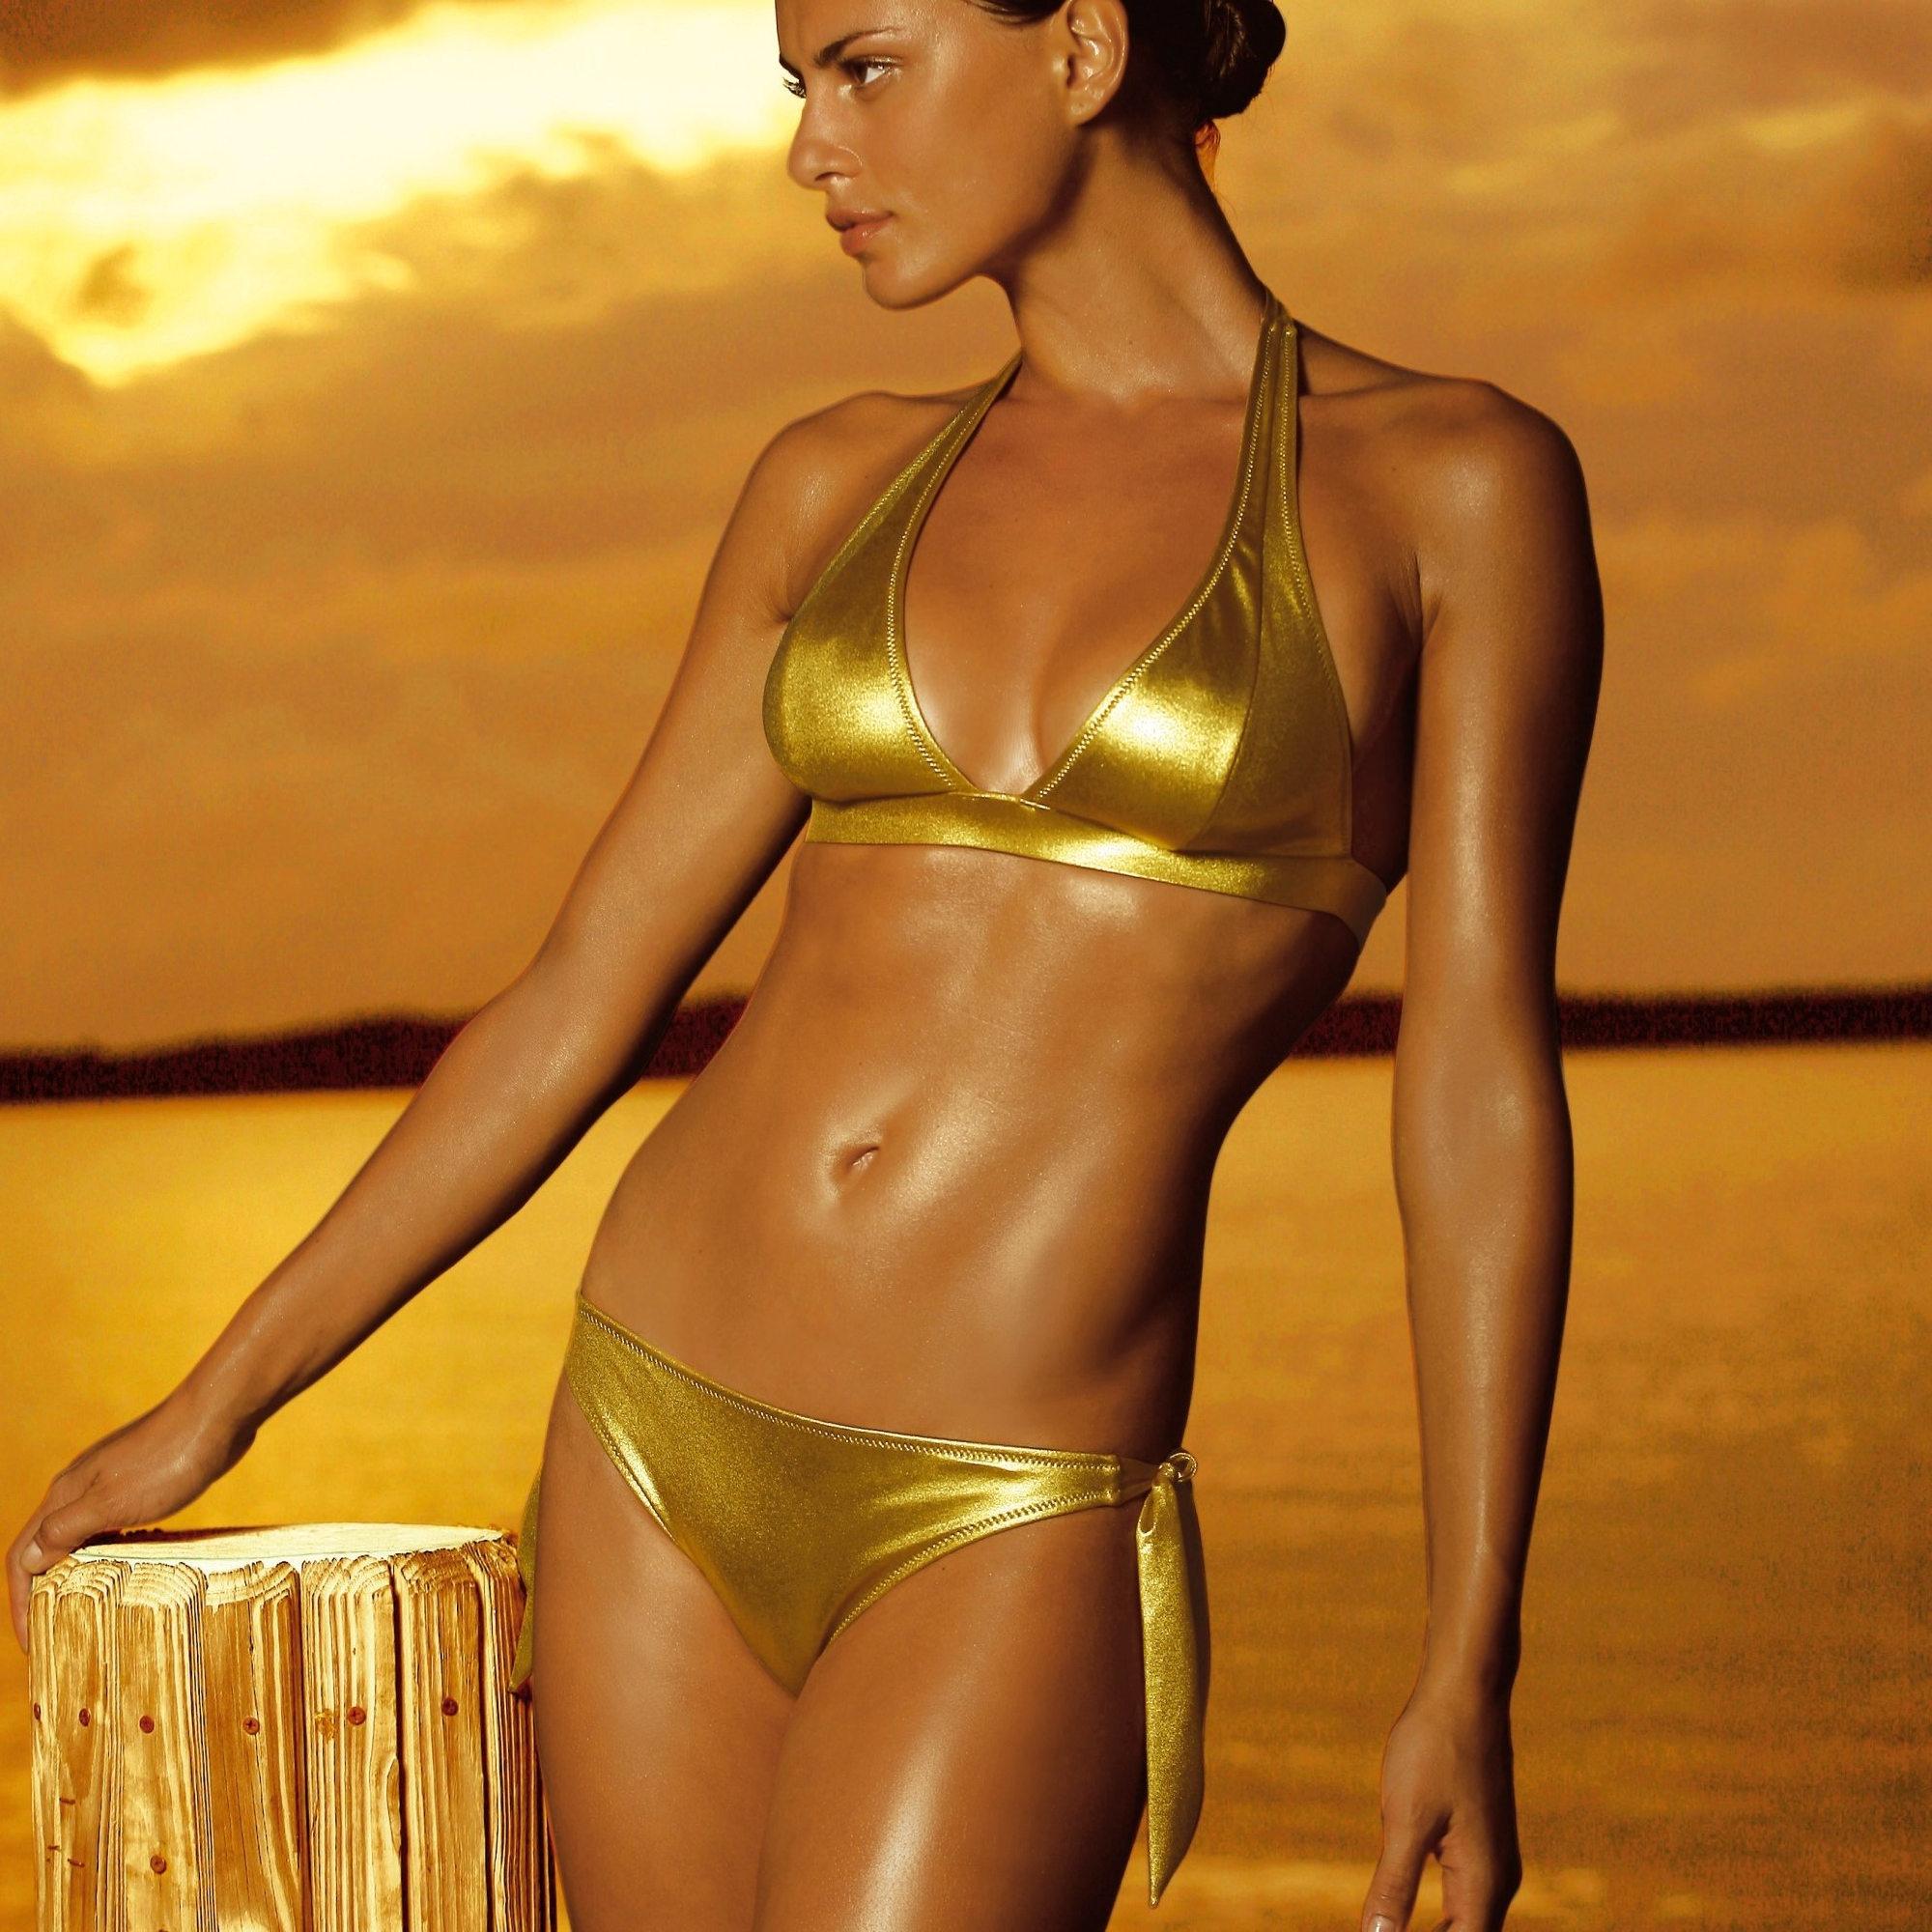 Фото в золотом купальнике 11 фотография